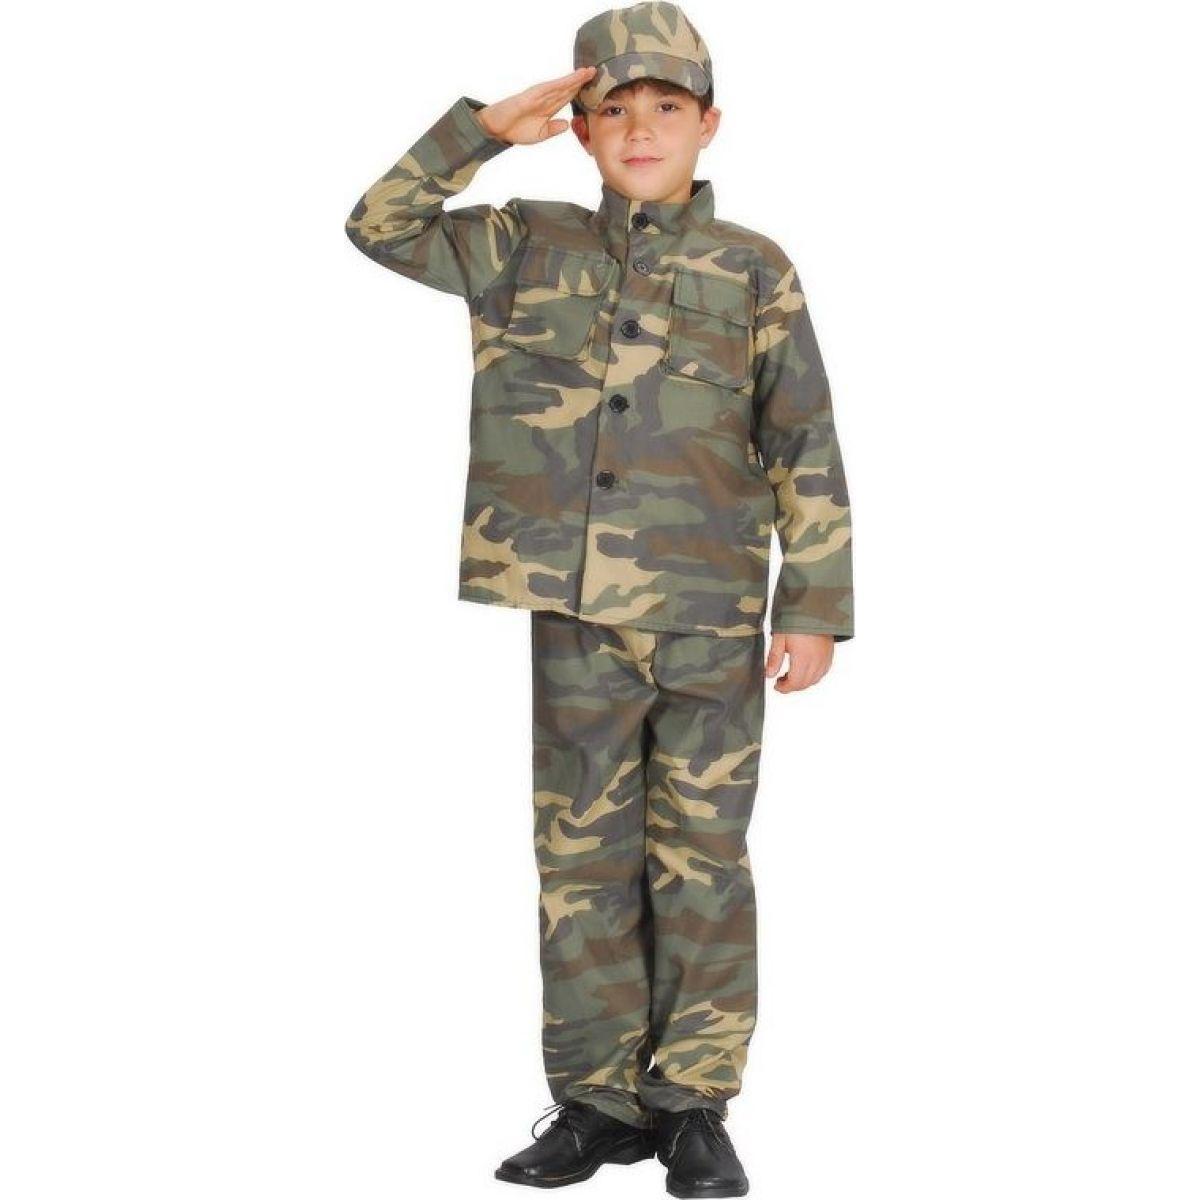 Made Dětský kostým Voják 120-130 cm